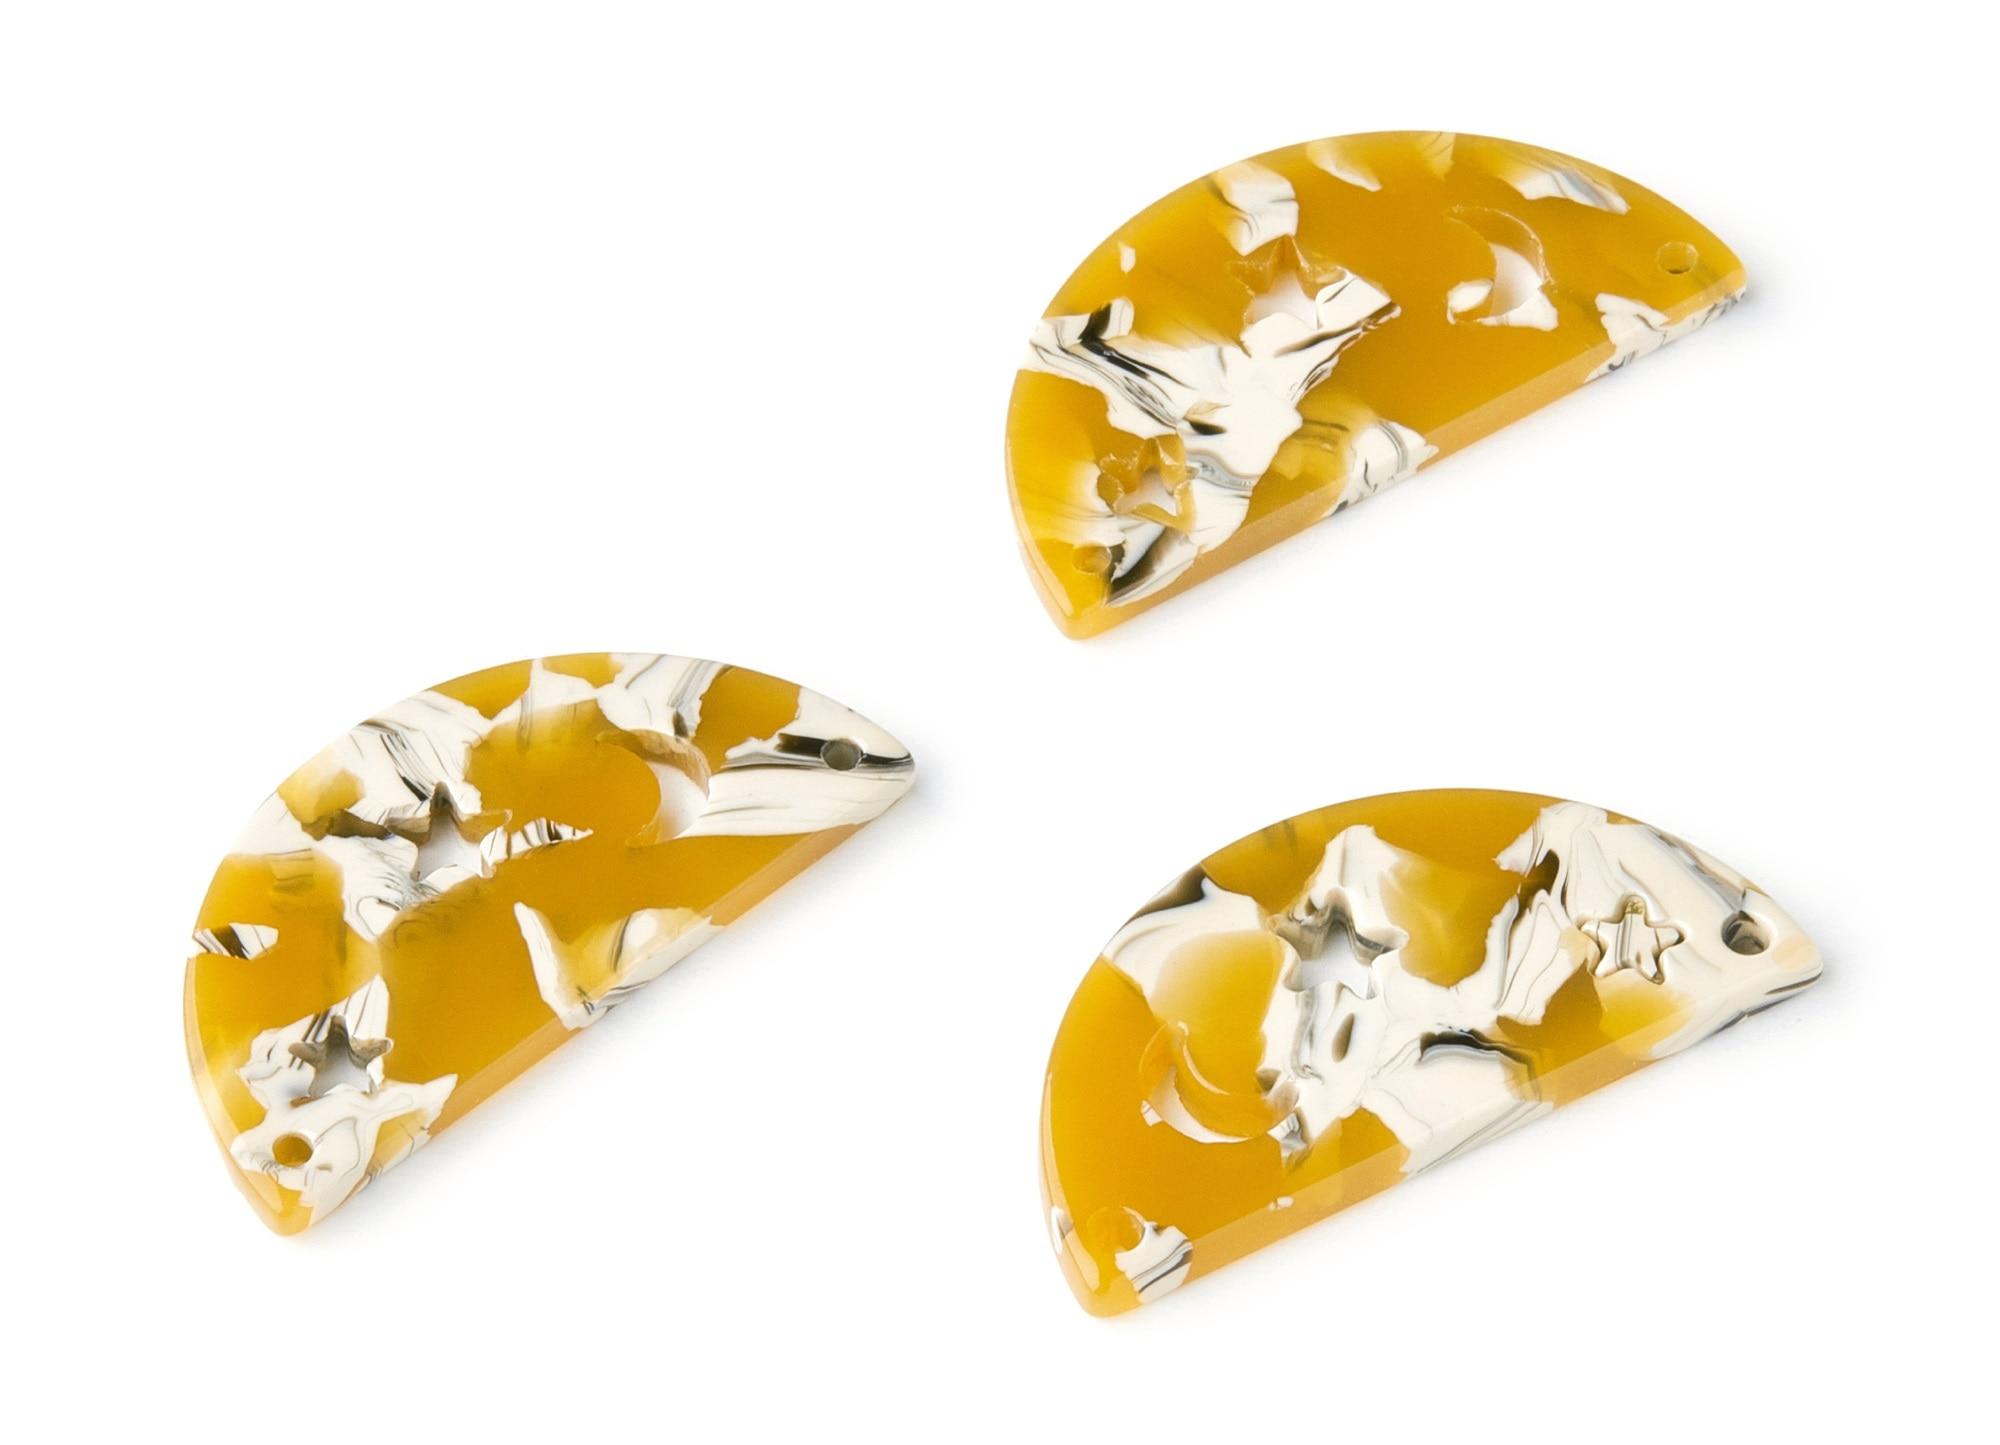 Fan Pendant Earring Findings AC1376K Color Code:A45-23.64x17.3x2.83mm Jewelry Supplies Acetate Acrylic Fan Earring Charm